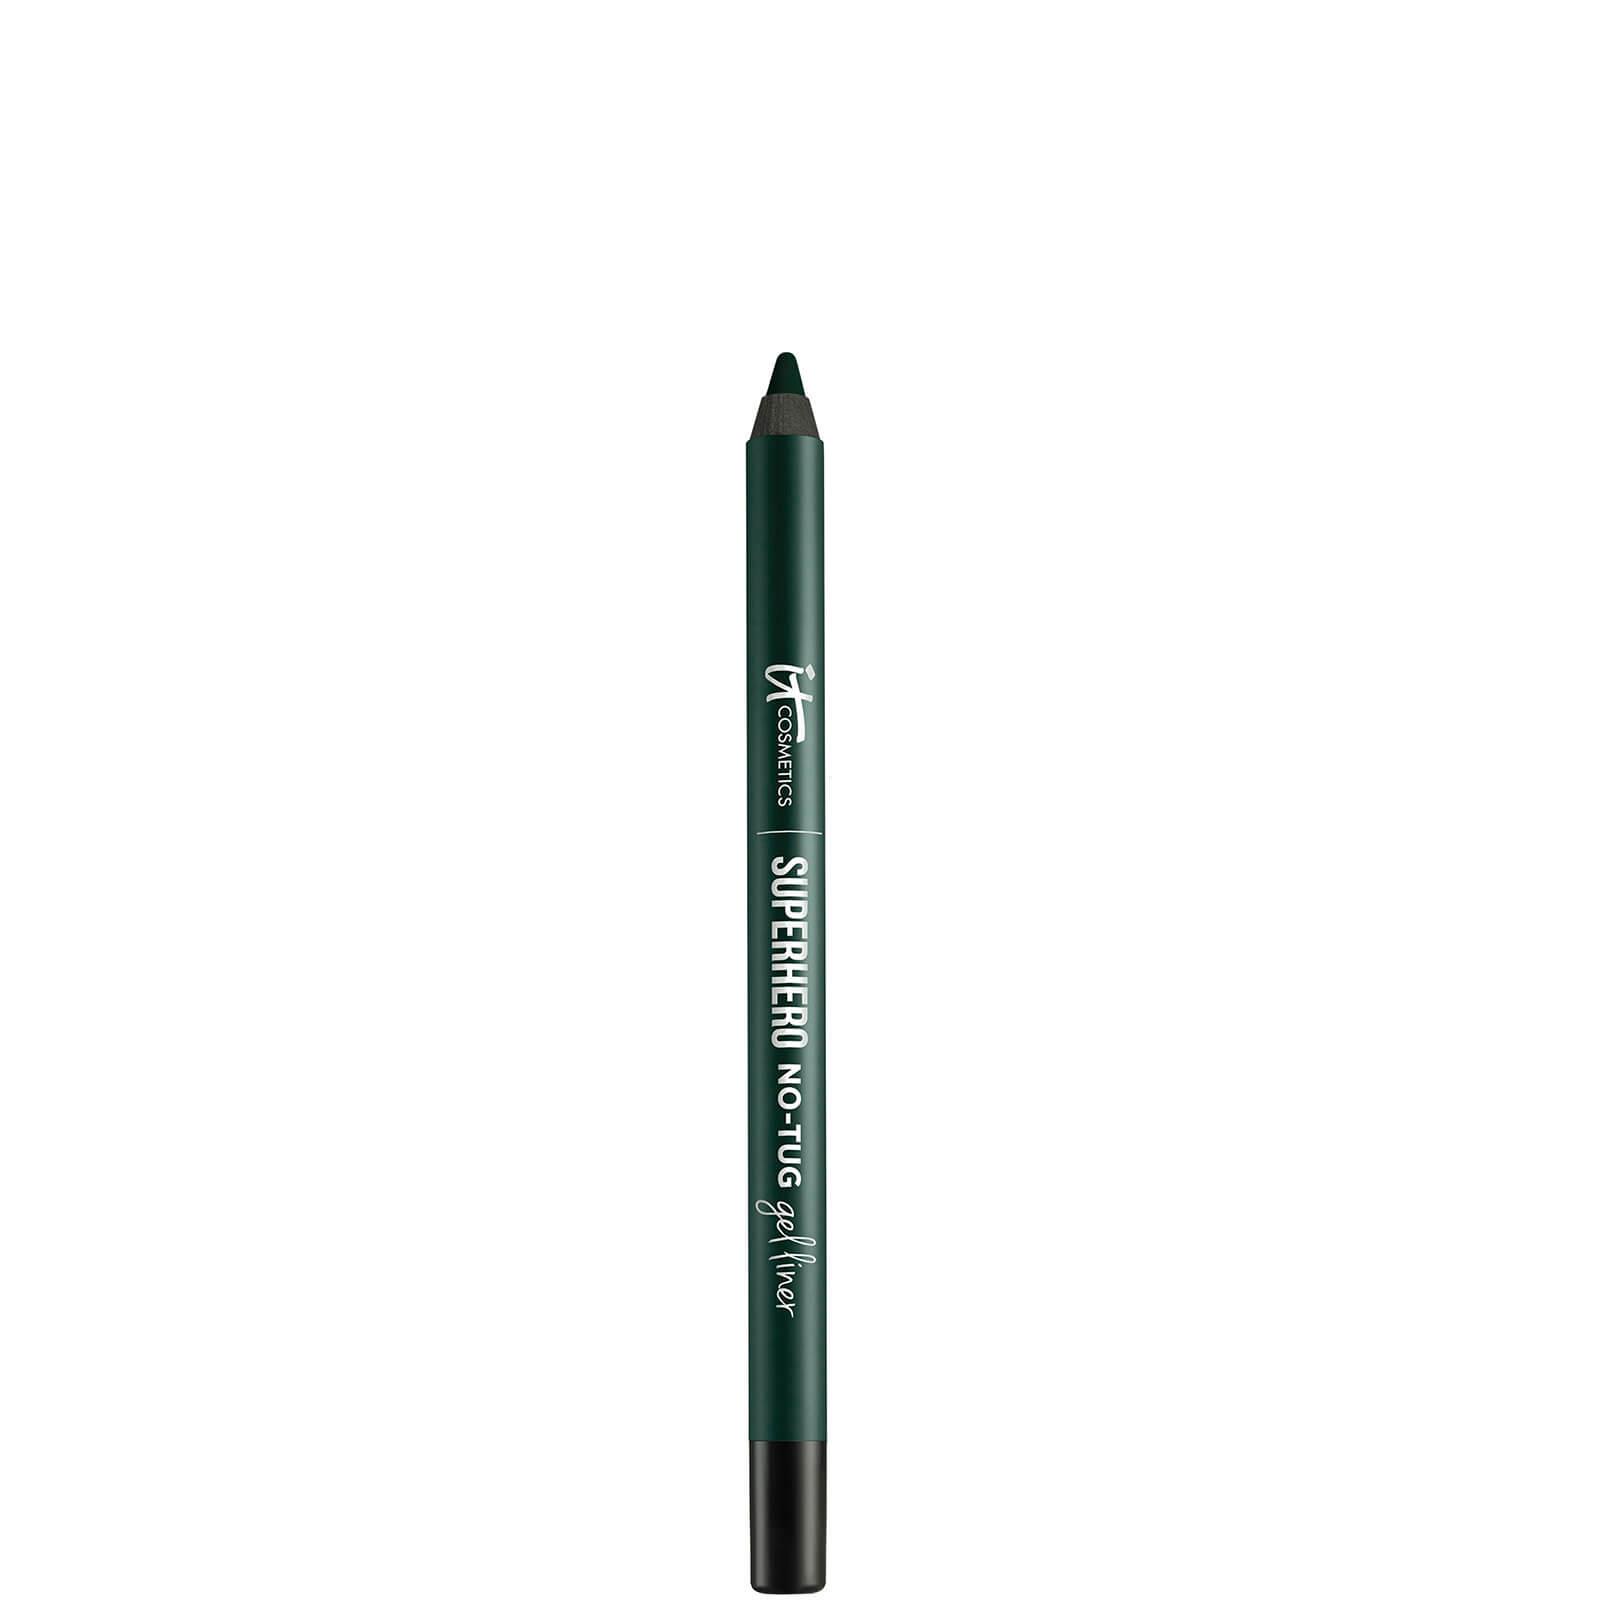 Купить IT Cosmetics Superhero No-Tug Gel Eyeliner 1.2g (Various Shades) - Mystic Emerald